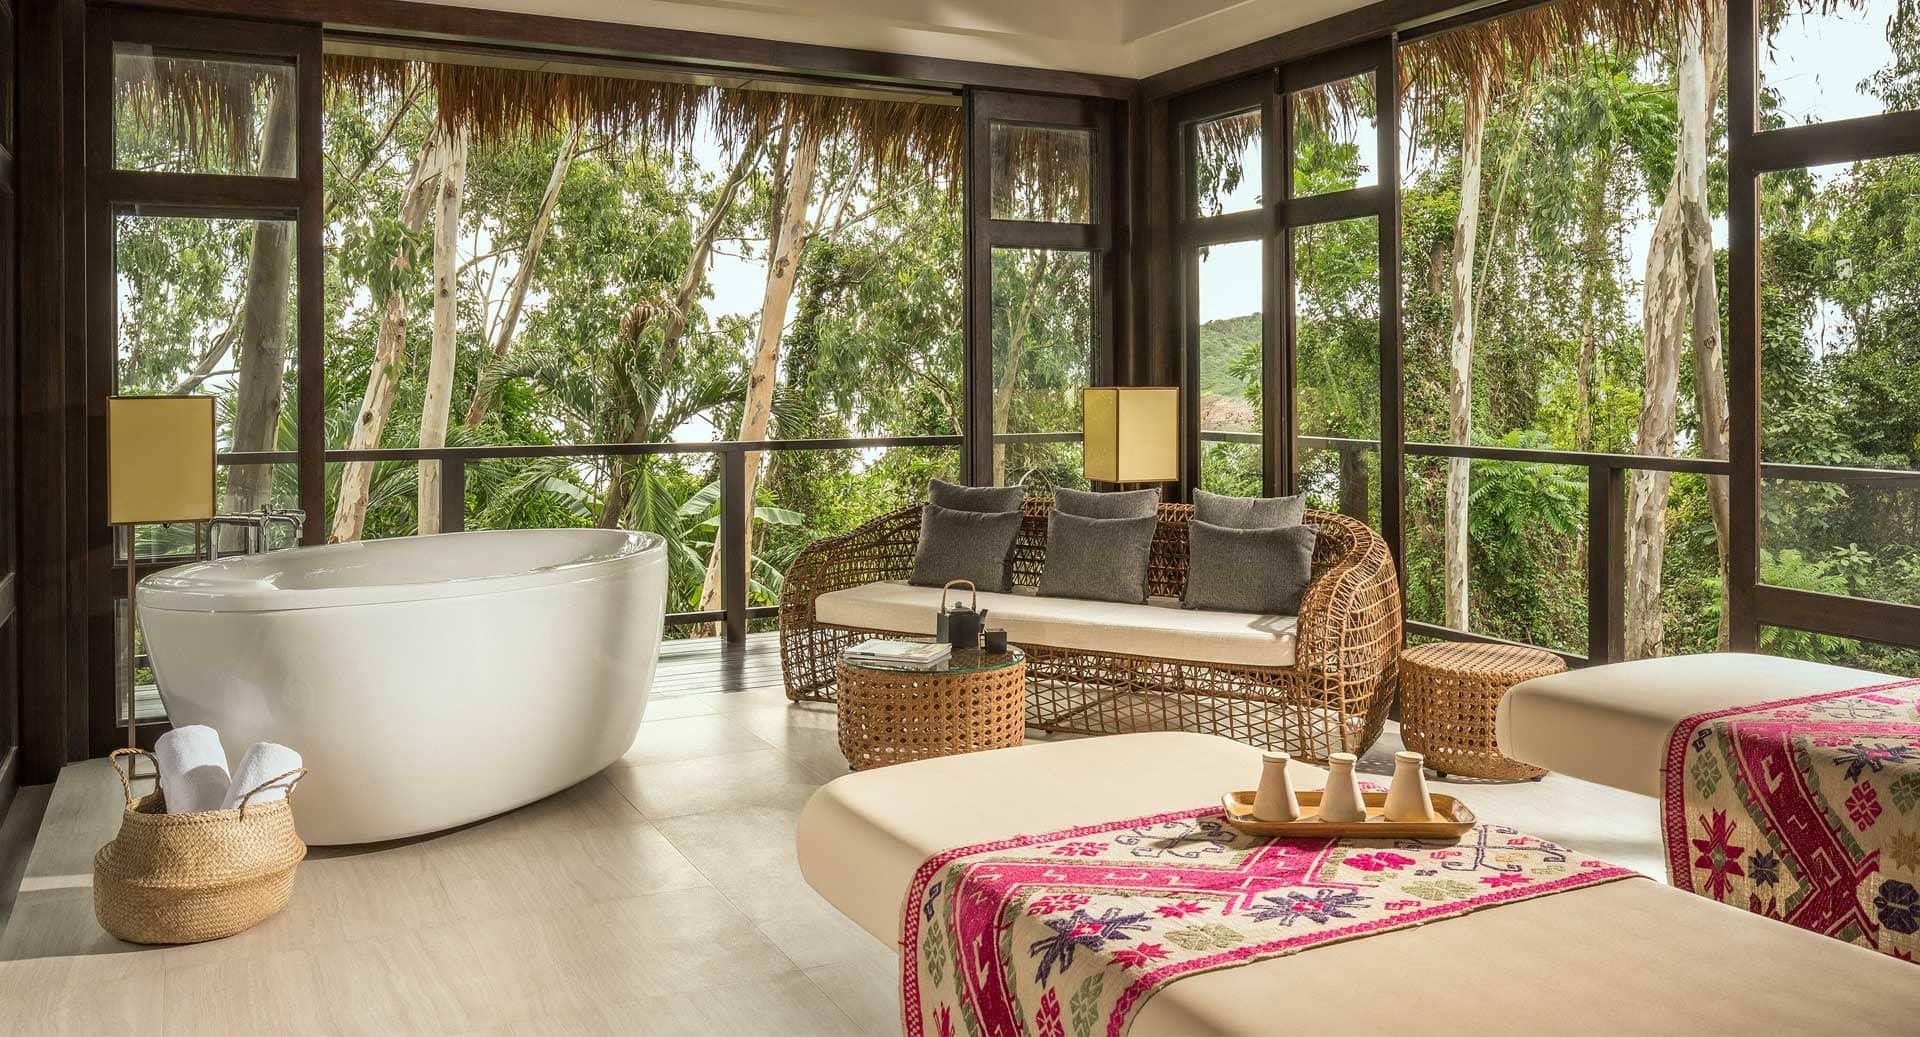 Anantara Quy Nhon Villas Nominated by World's Top Travel Experts